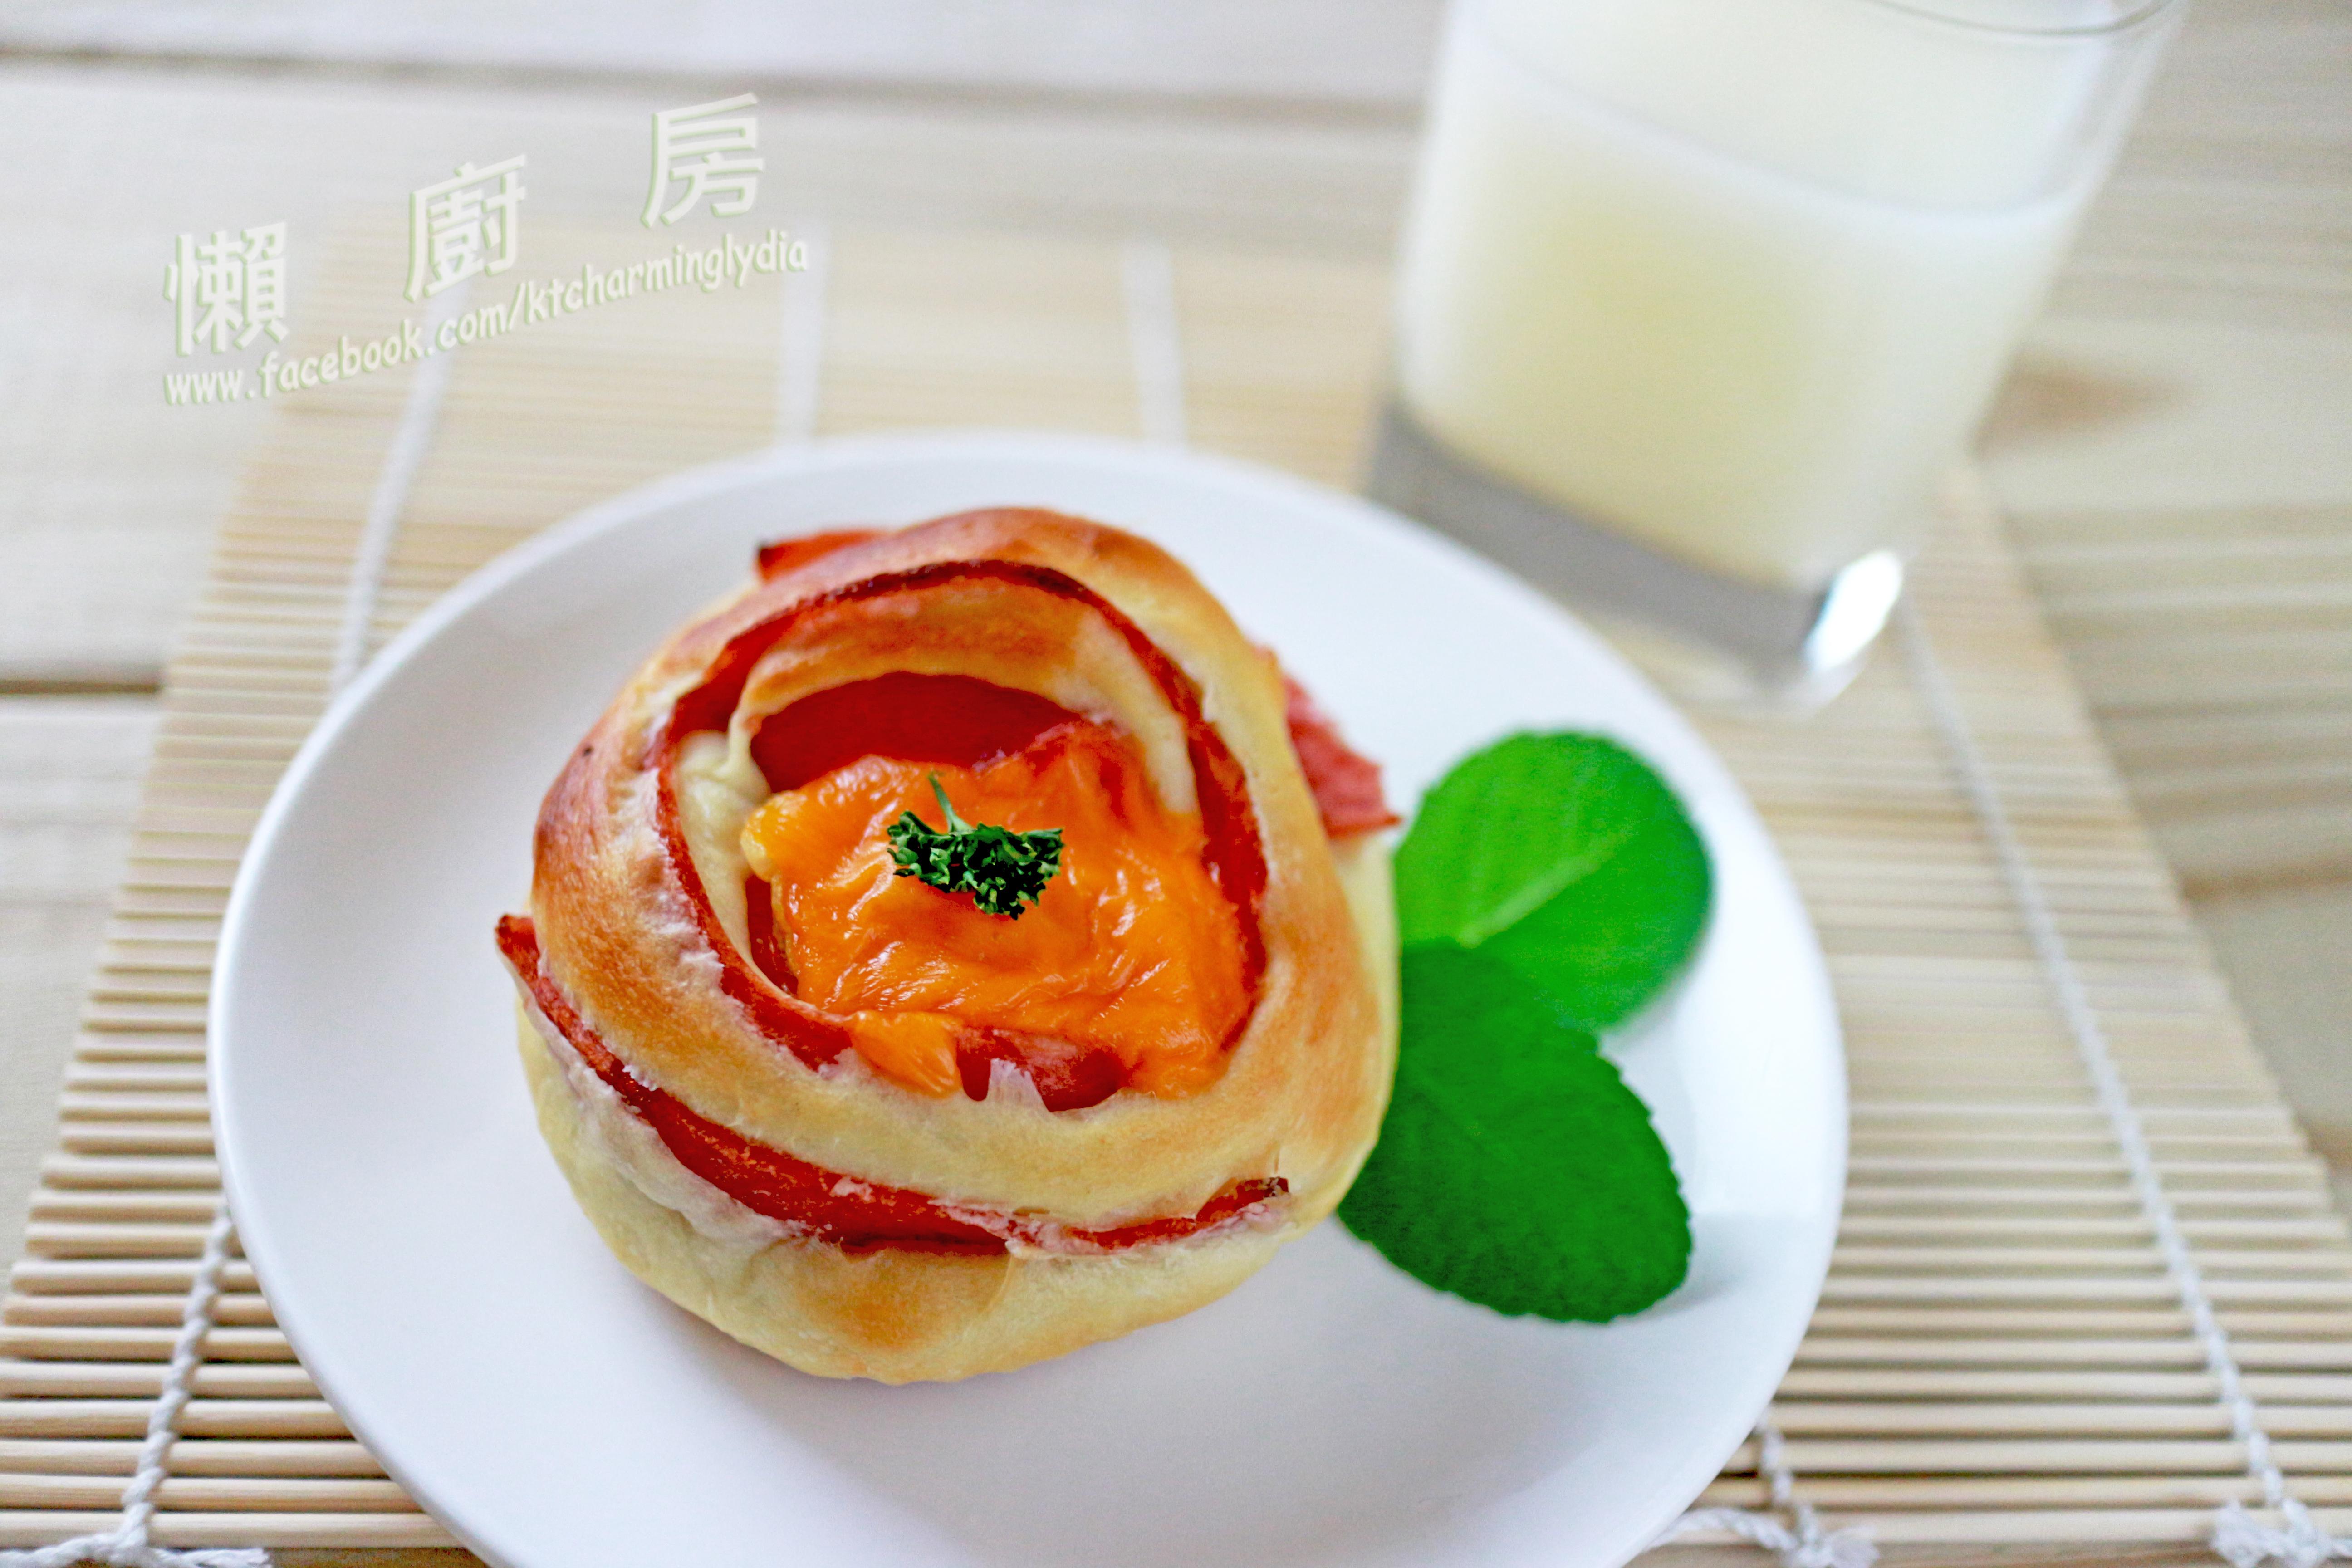 洋蔥火腿起司麵包『Panasonic製麵包機』